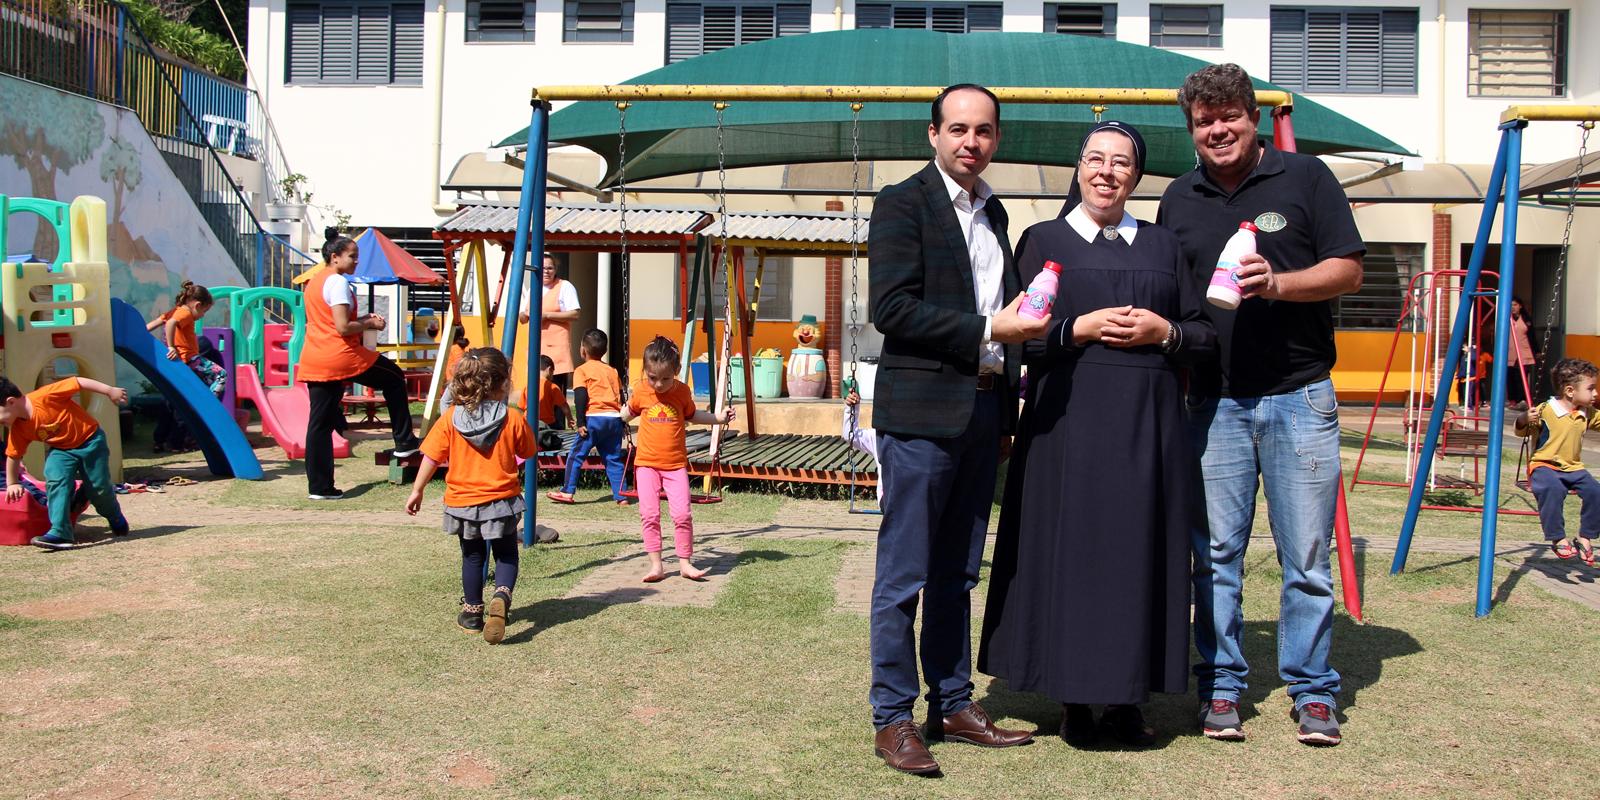 UNIFAAT e Estação Atibaia realizam entrega de donativos à Creche Raio de Sol